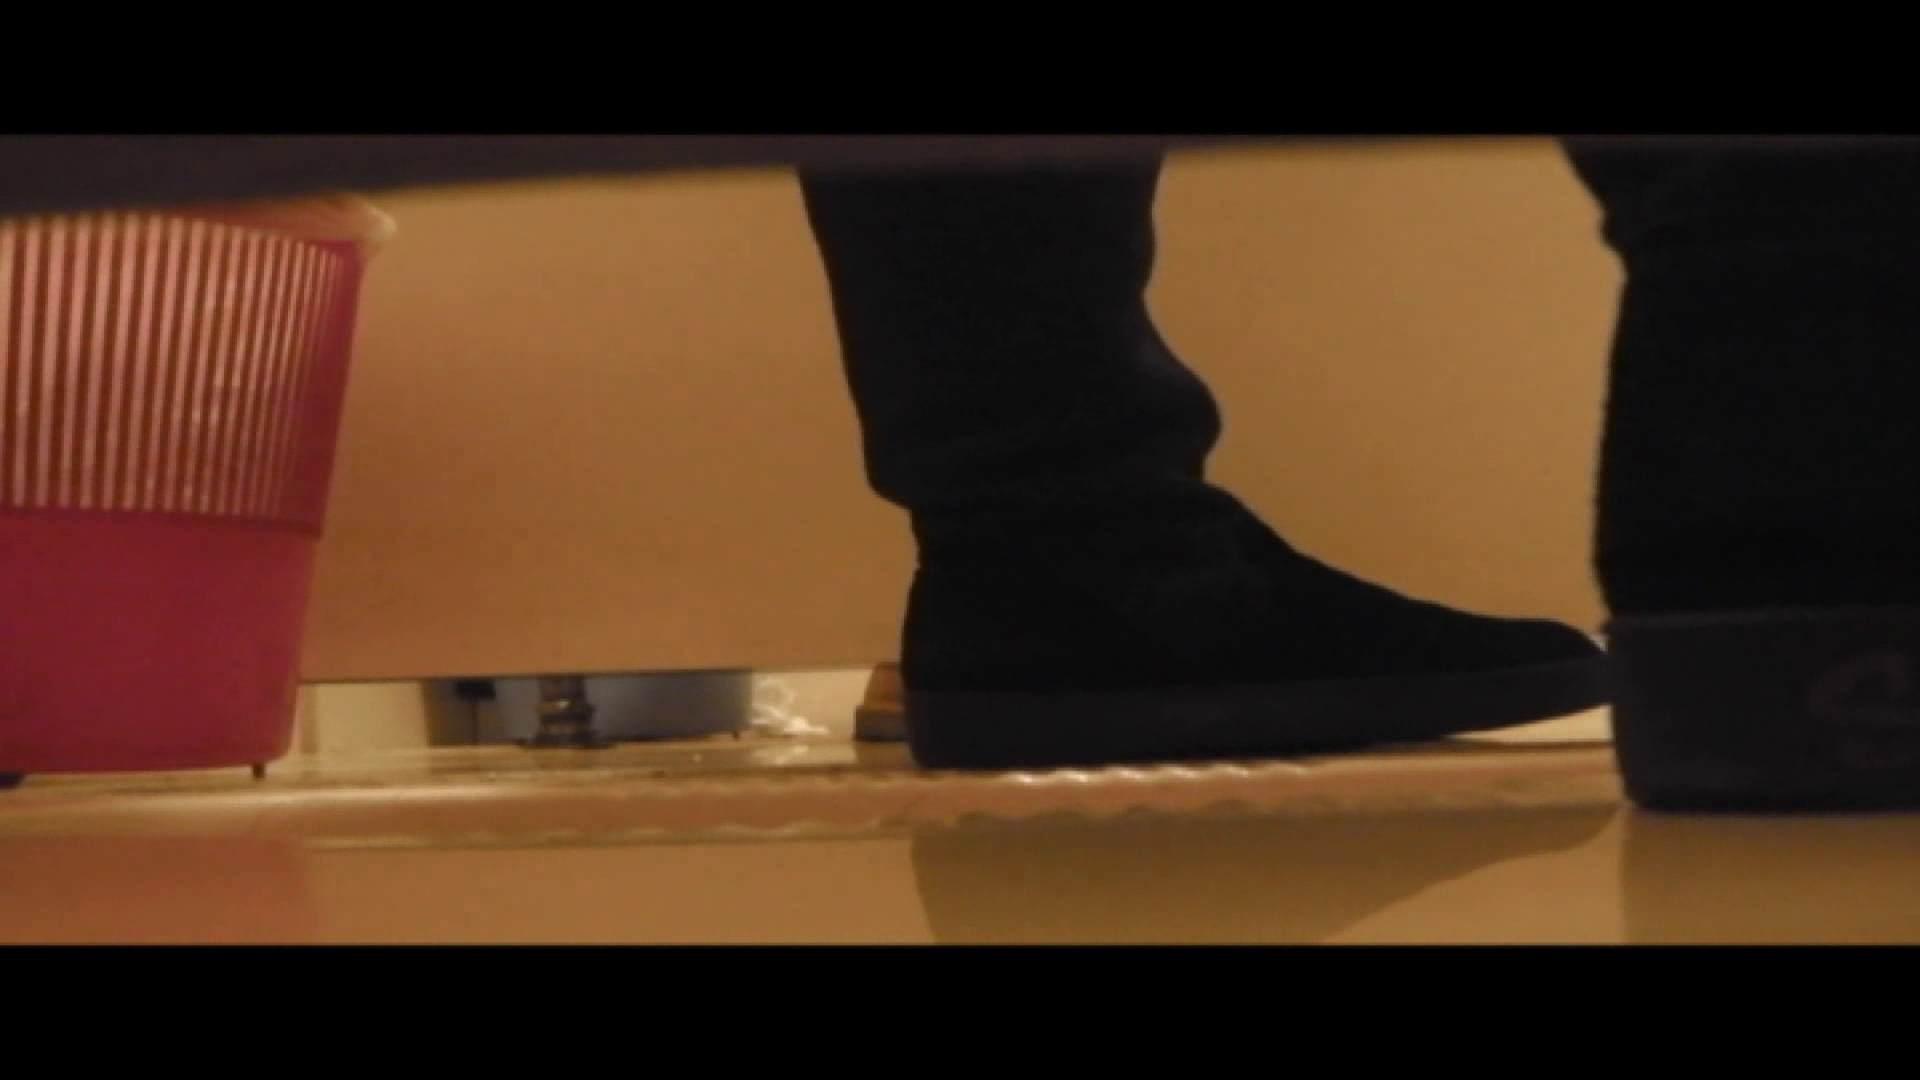 世界の射窓から vol.30 高評価 オマンコ動画キャプチャ 105画像 47